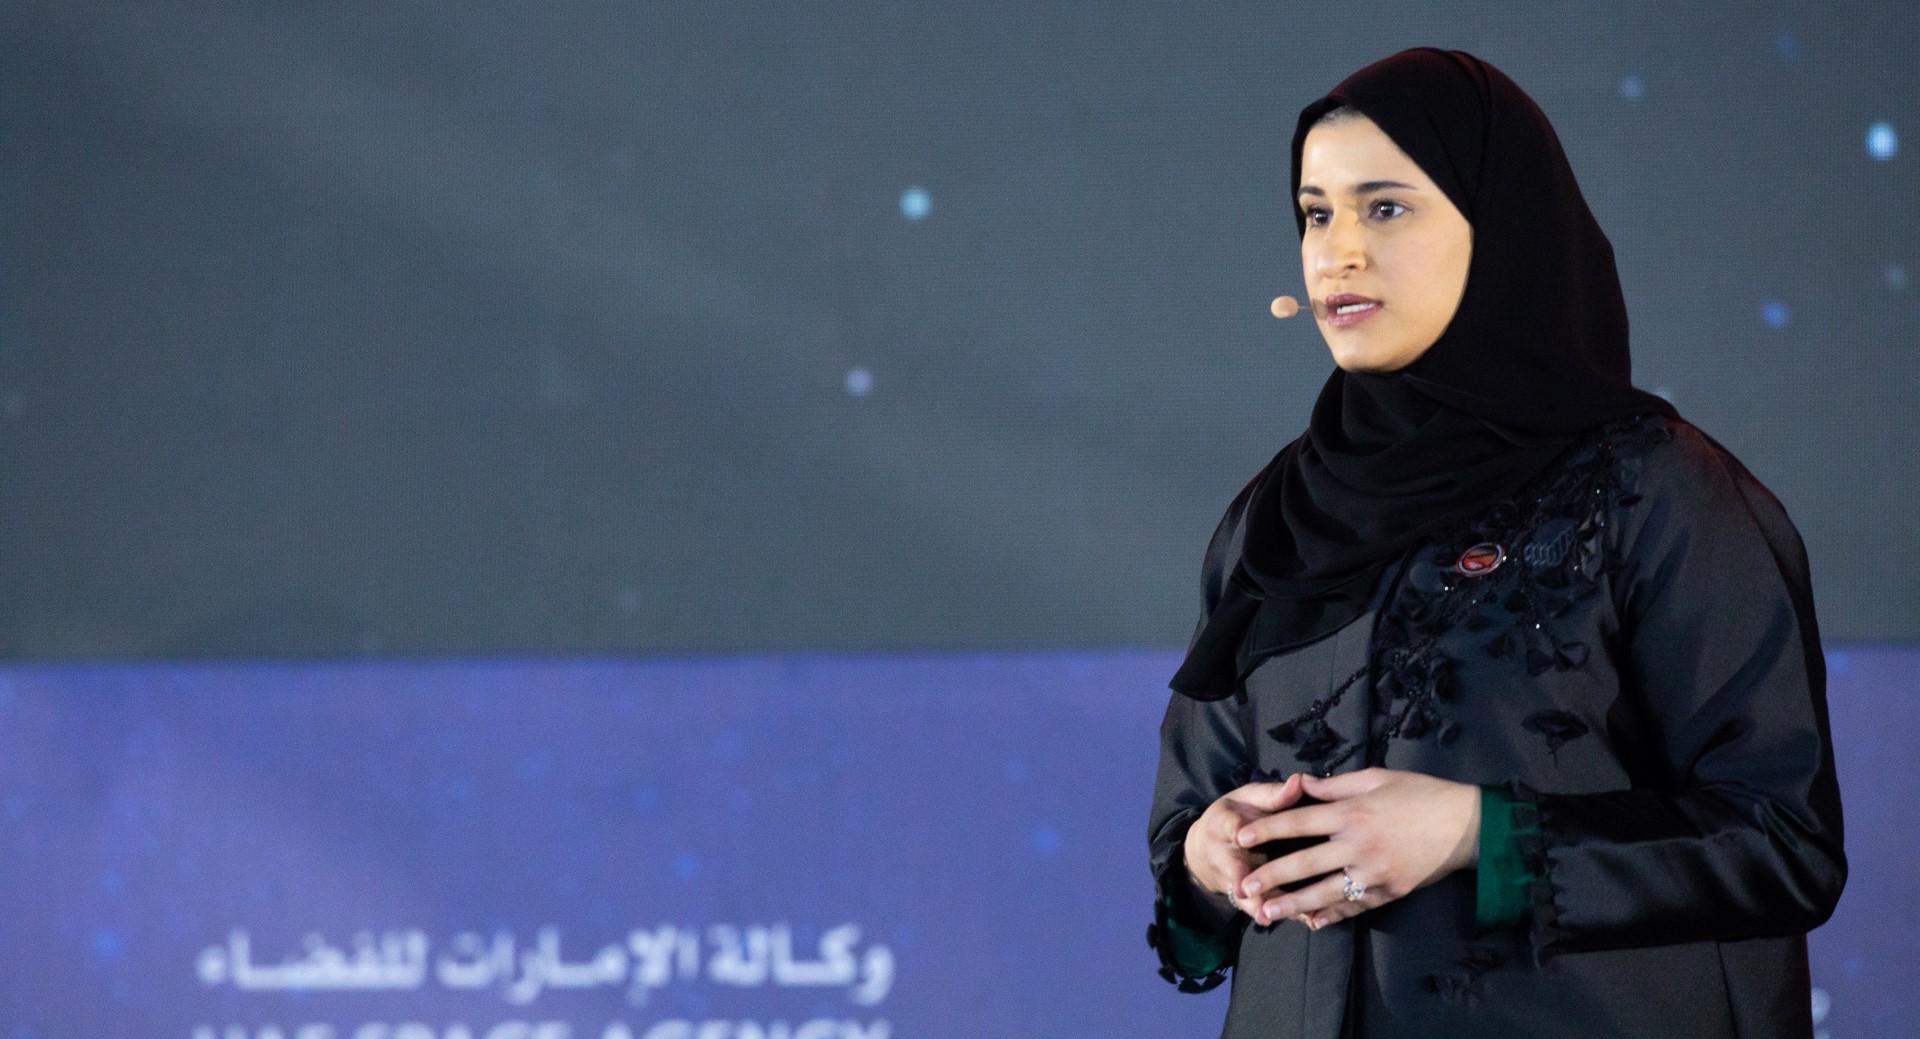 المرأة الإماراتية تعزز حضورها في قائمة الإنجازات العالمية وسارة الأميري من أكثر القادة الصاعدين تأثيراً في العالم